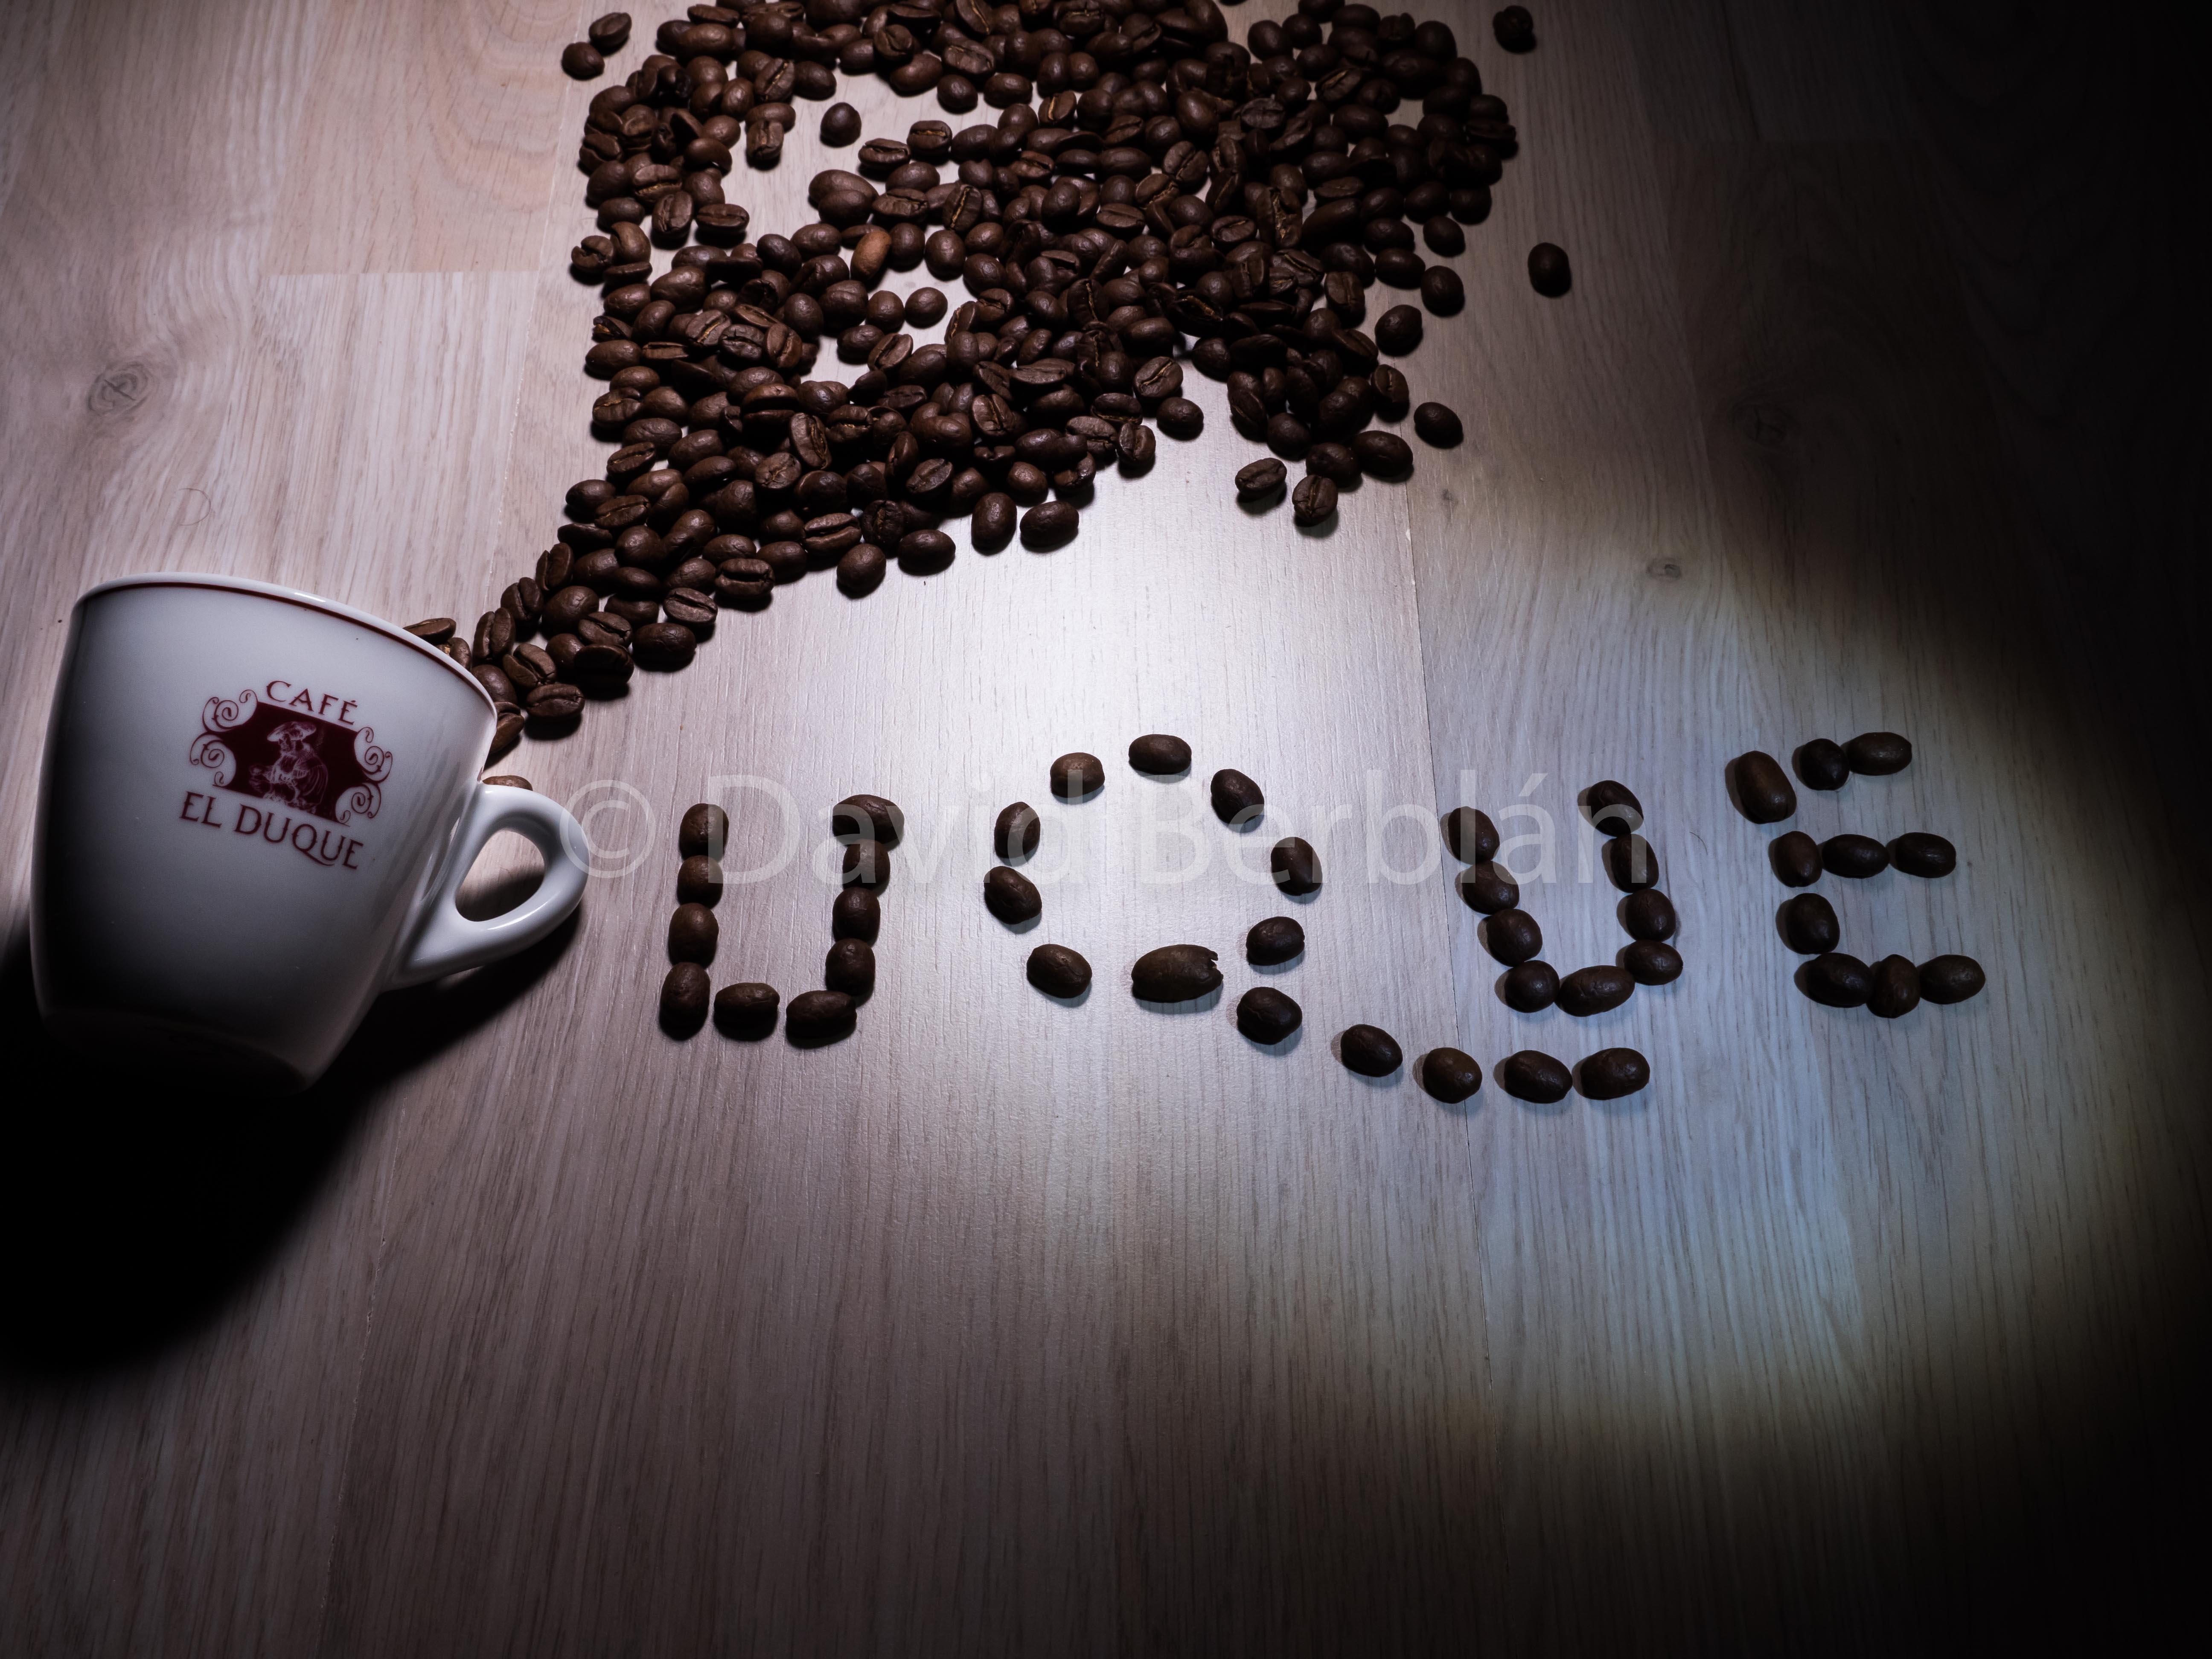 Cafés el Duque. Distribuidores mayoristas: Café en Grano - Proveedores